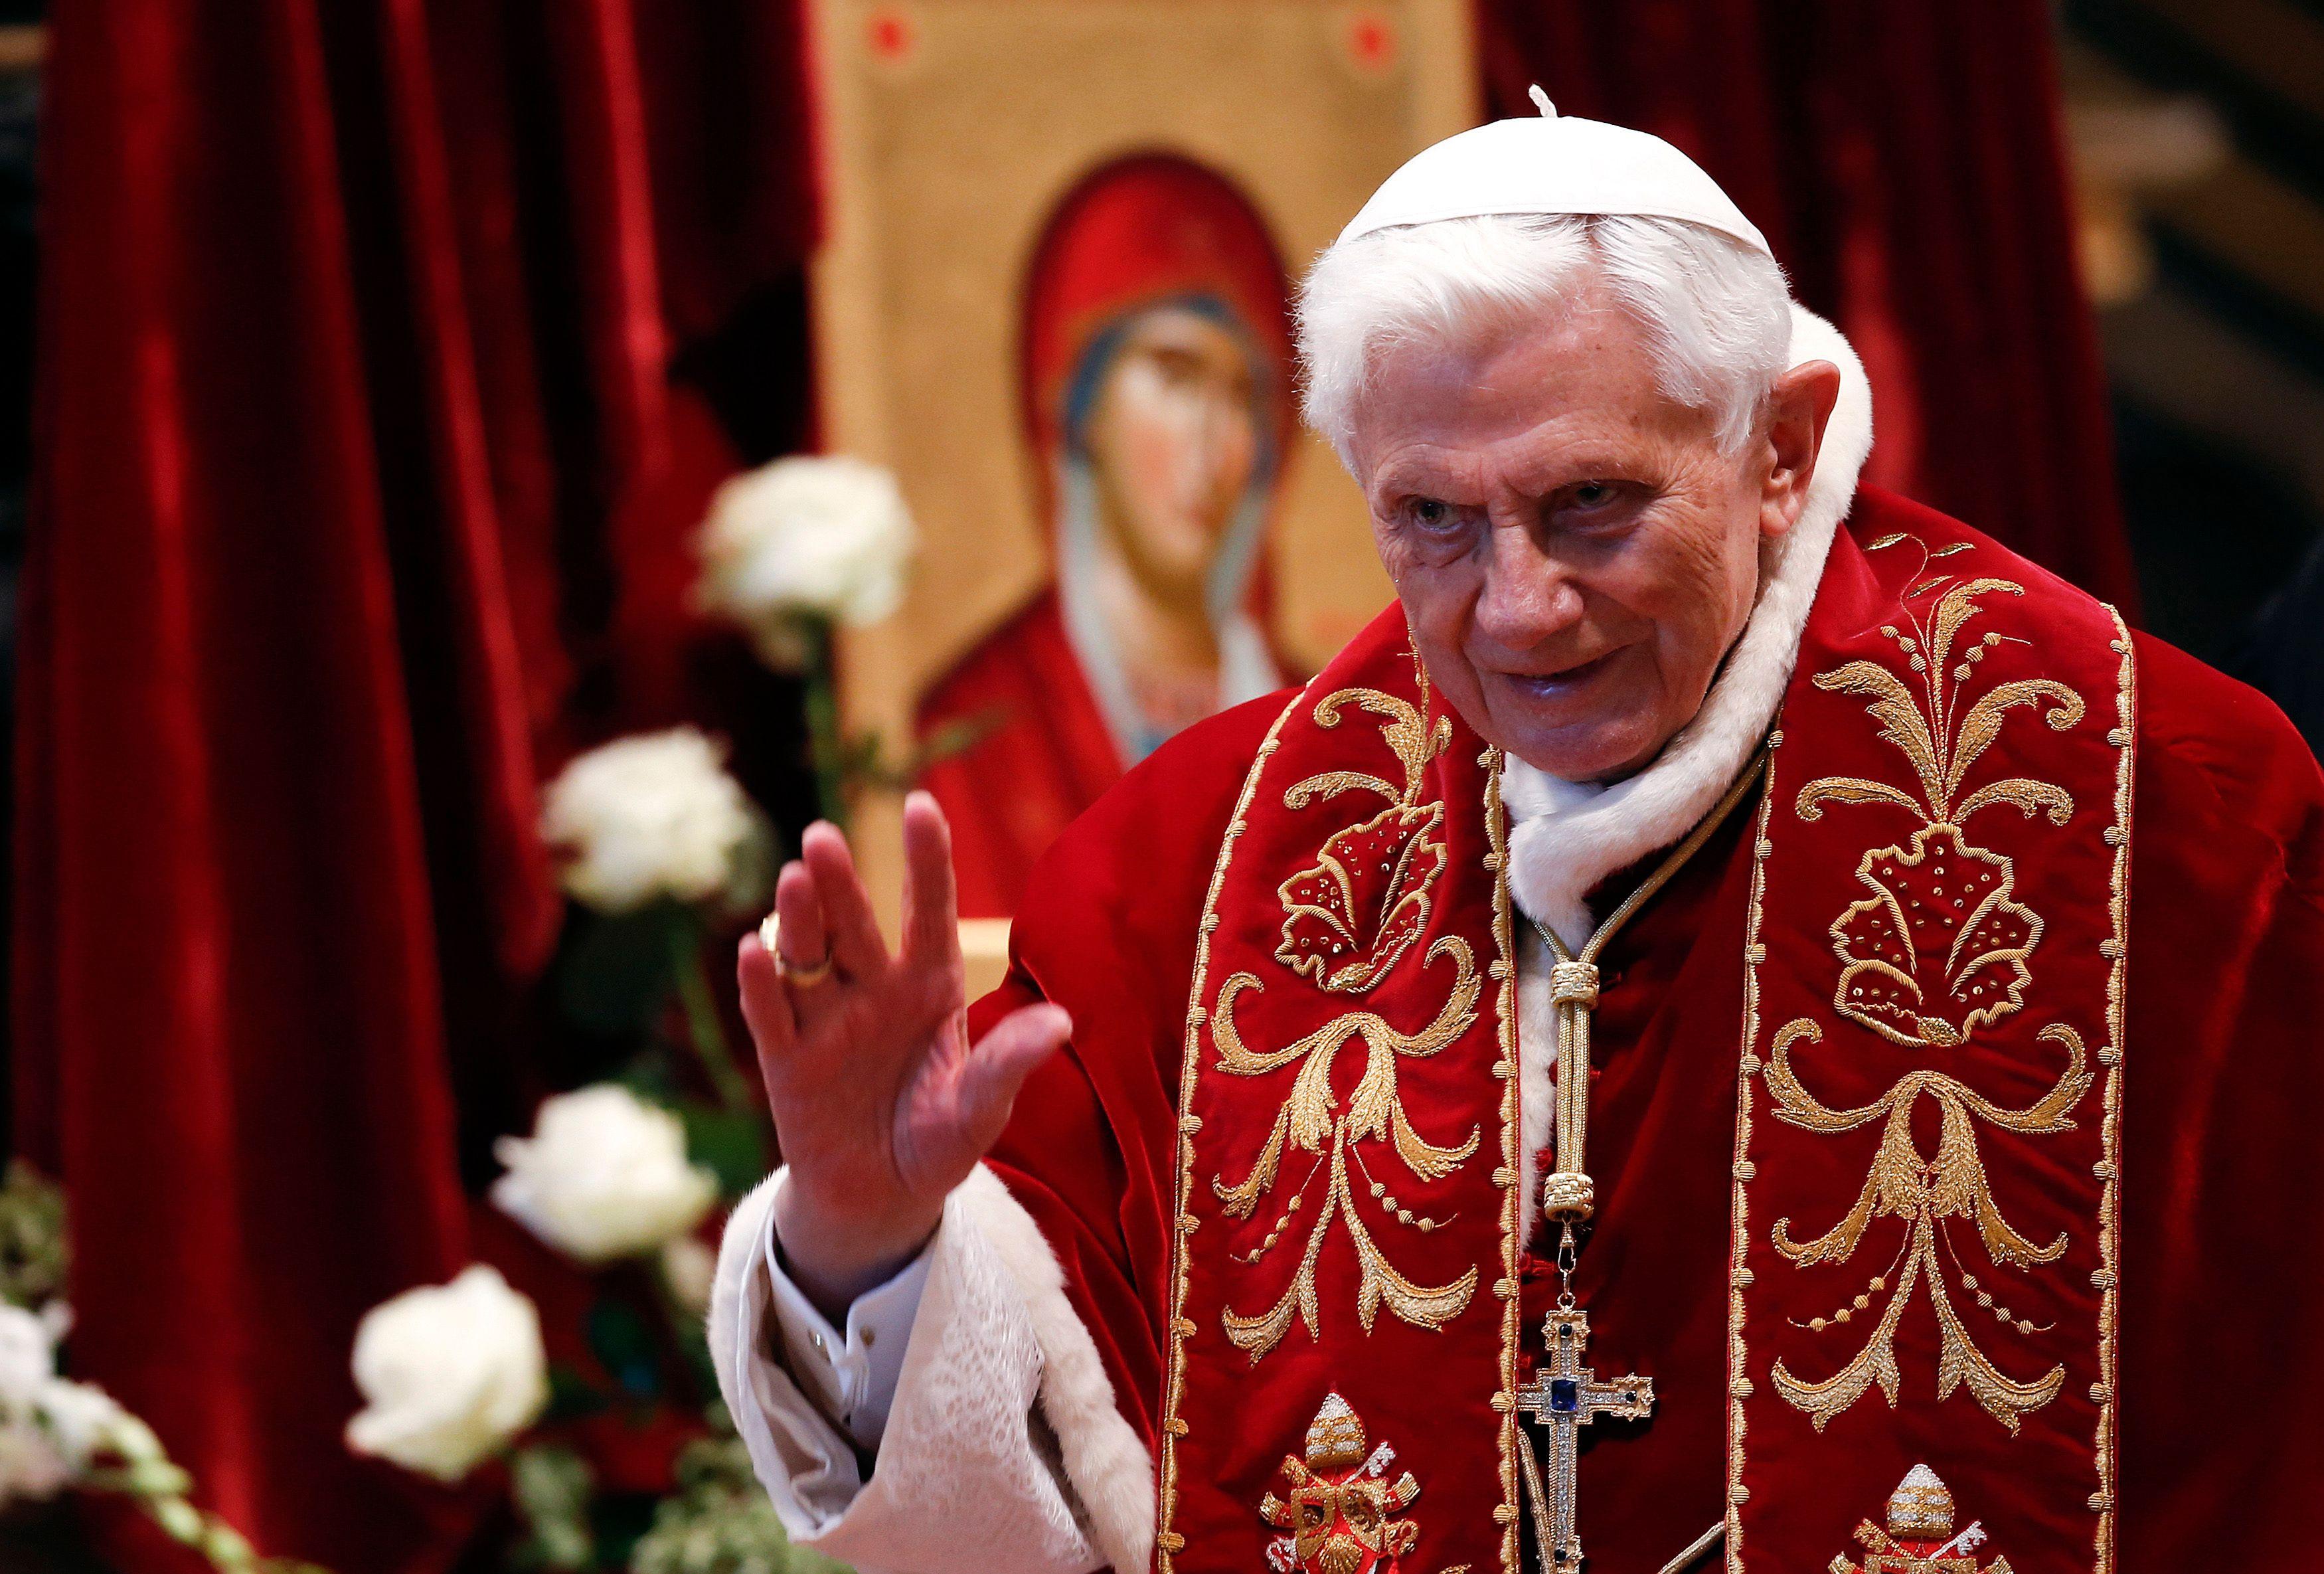 Qui prendra la succession de Benoît XVI ? Réponse dans les prochaines heures